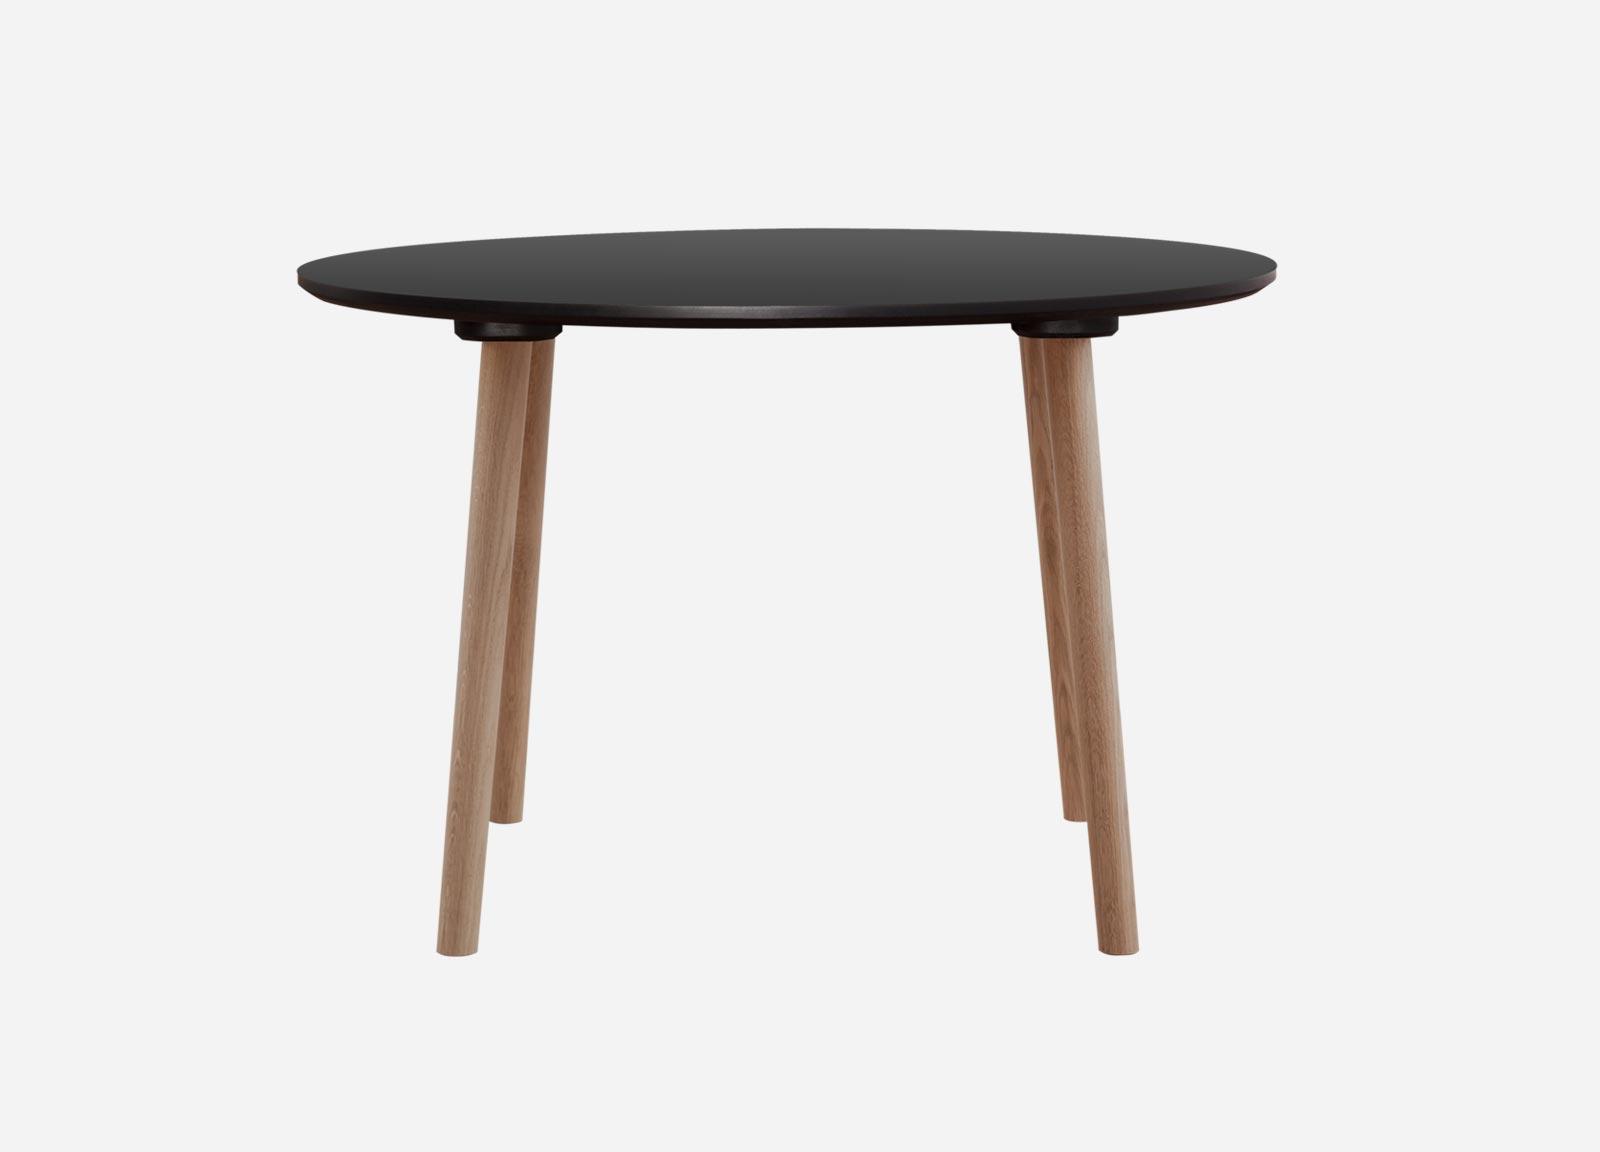 Rundt spisebord med laminat i hvid, sort eller antracit